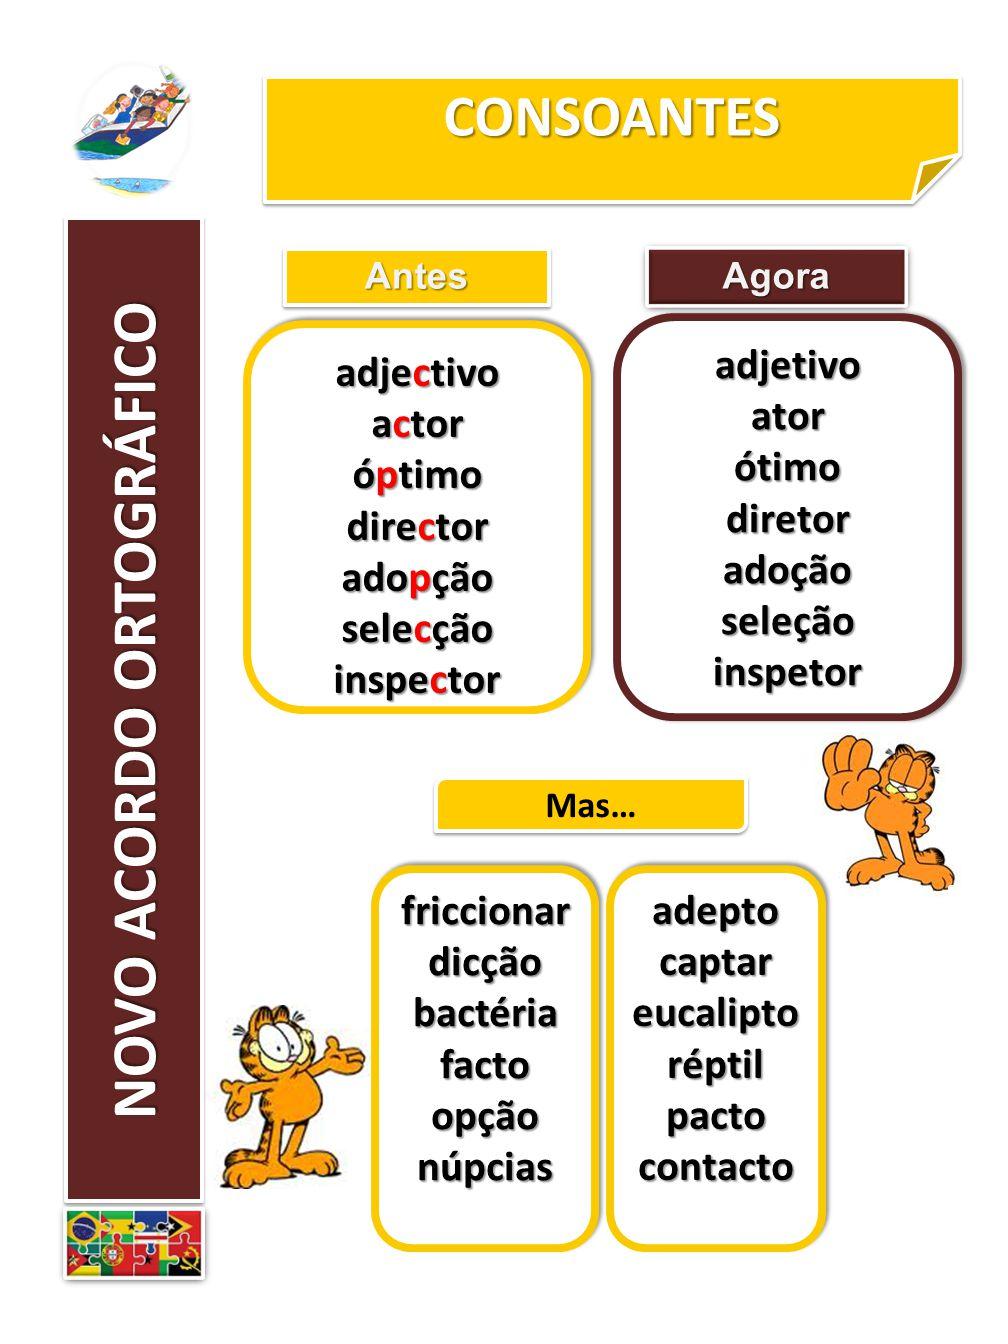 CONSOANTESCONSOANTES AntesAntes adjectivo actor óptimo director adopção selecção inspector adjectivo actor óptimo director adopção selecção inspector